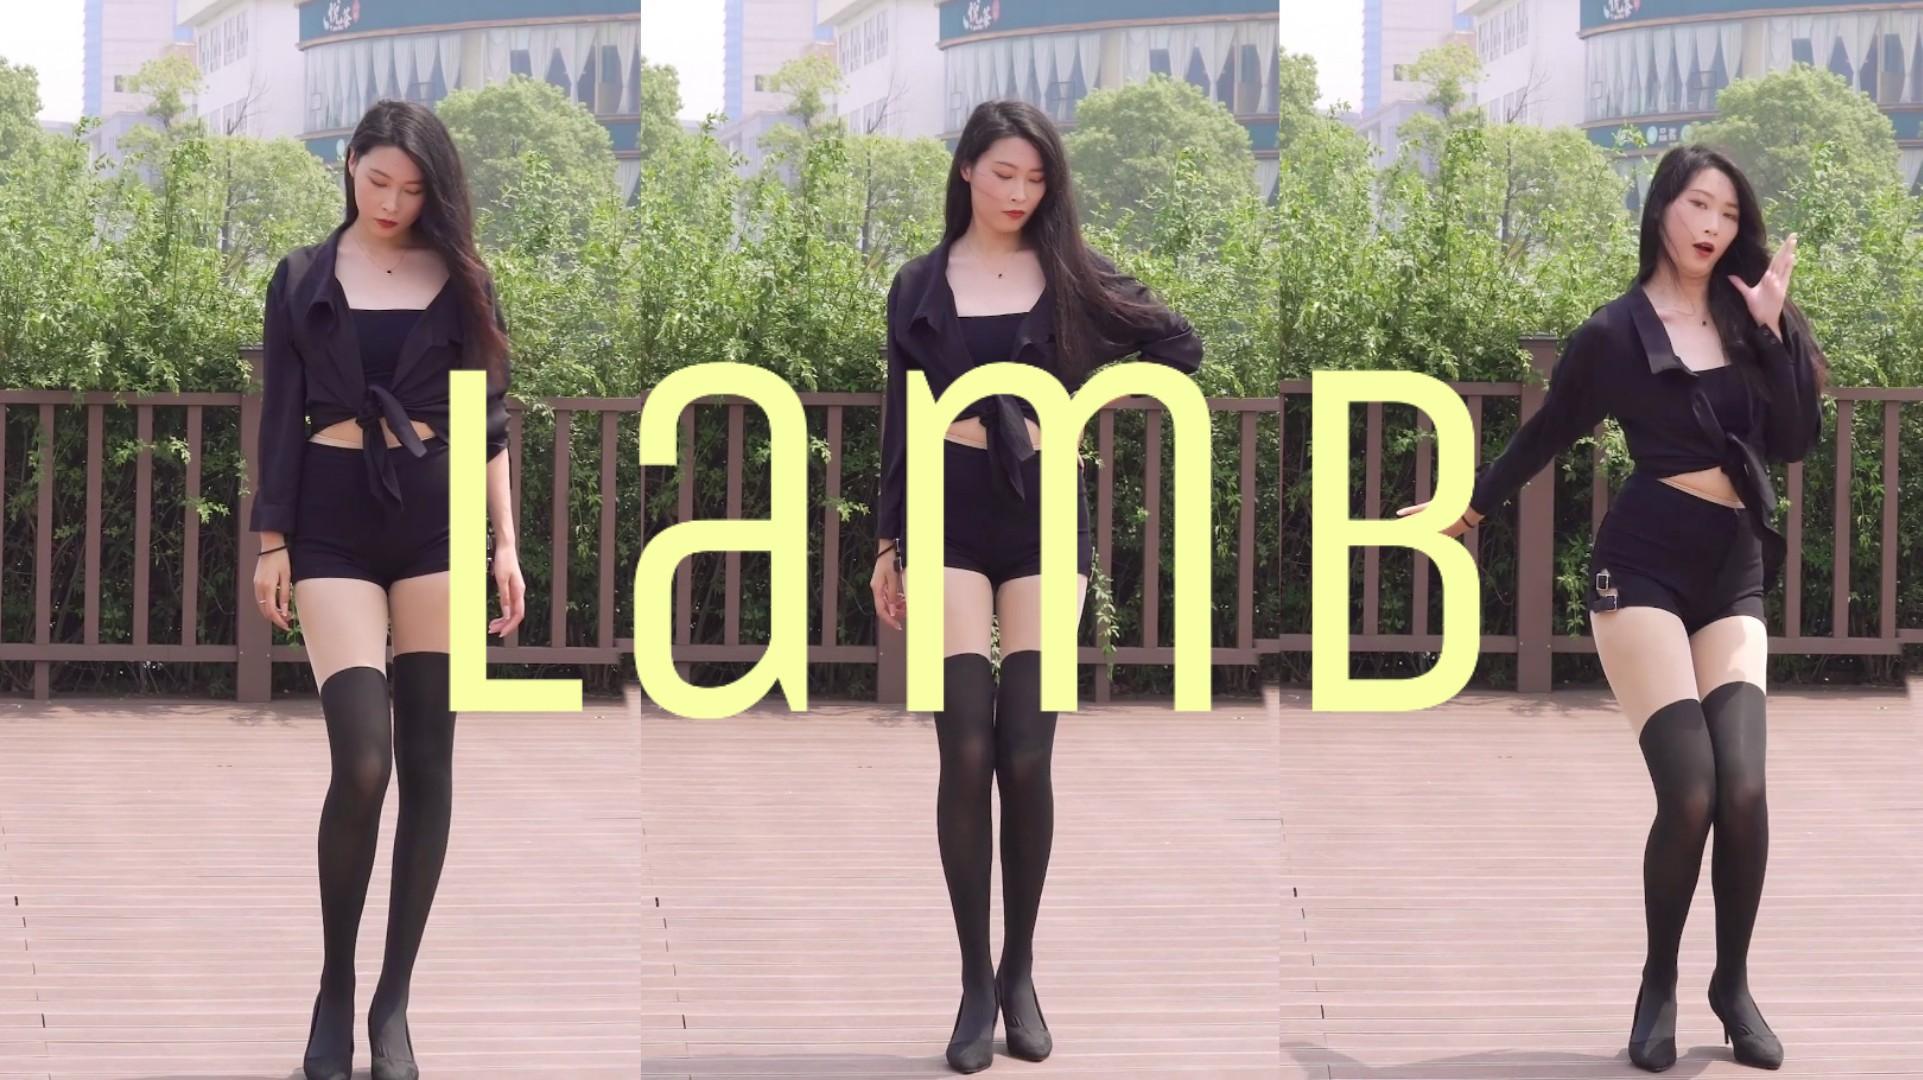 【座山雕】lamb丝 袜 拉 太 高 是 什 么 体 验